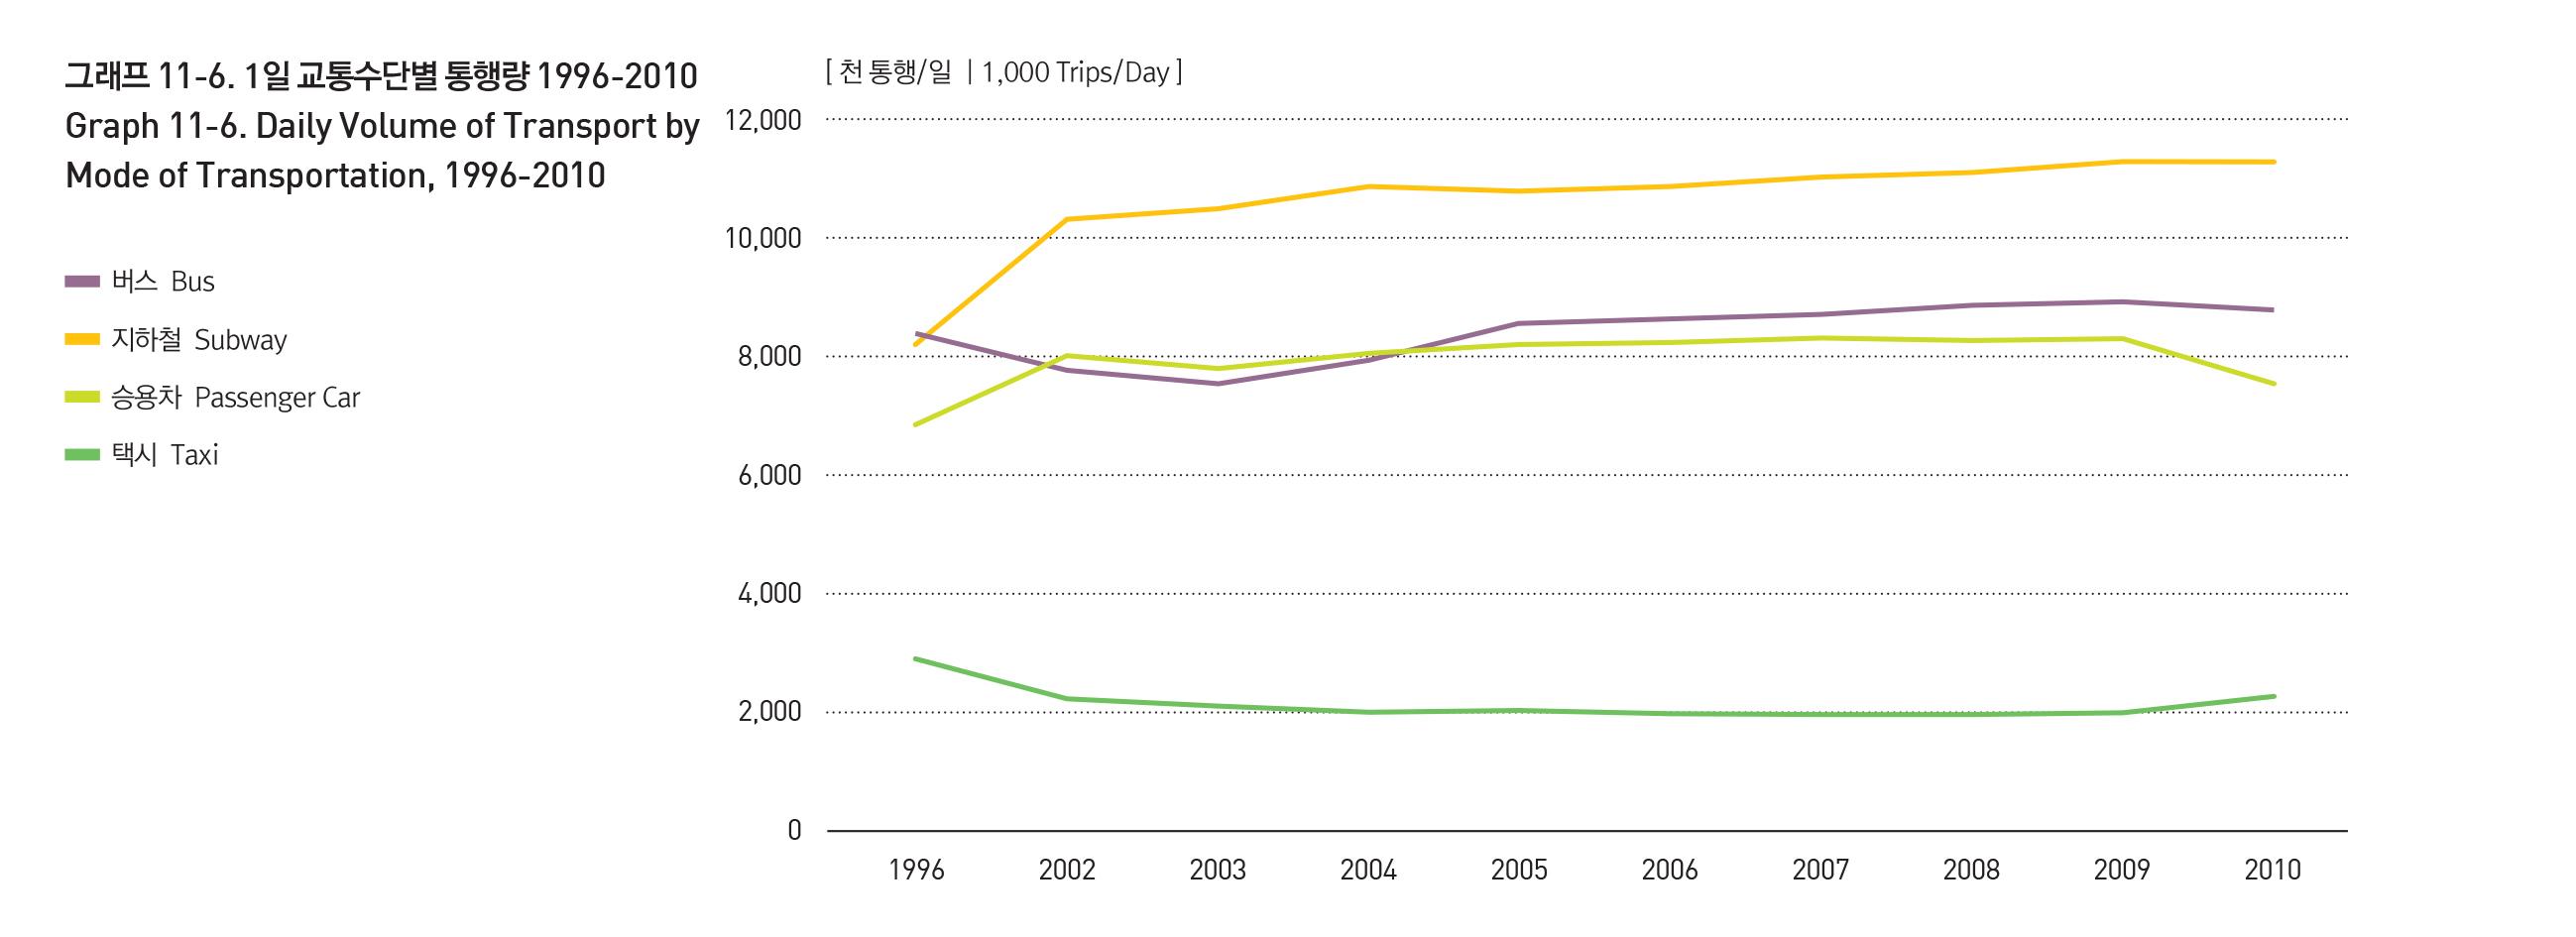 1996년부터 2010년까지 교통수단별 1일 통행량을 보여주는 그래프 입니다. 상세데이터는 아래 파일 링크를 통해 다운로드 할 수 있습니다.